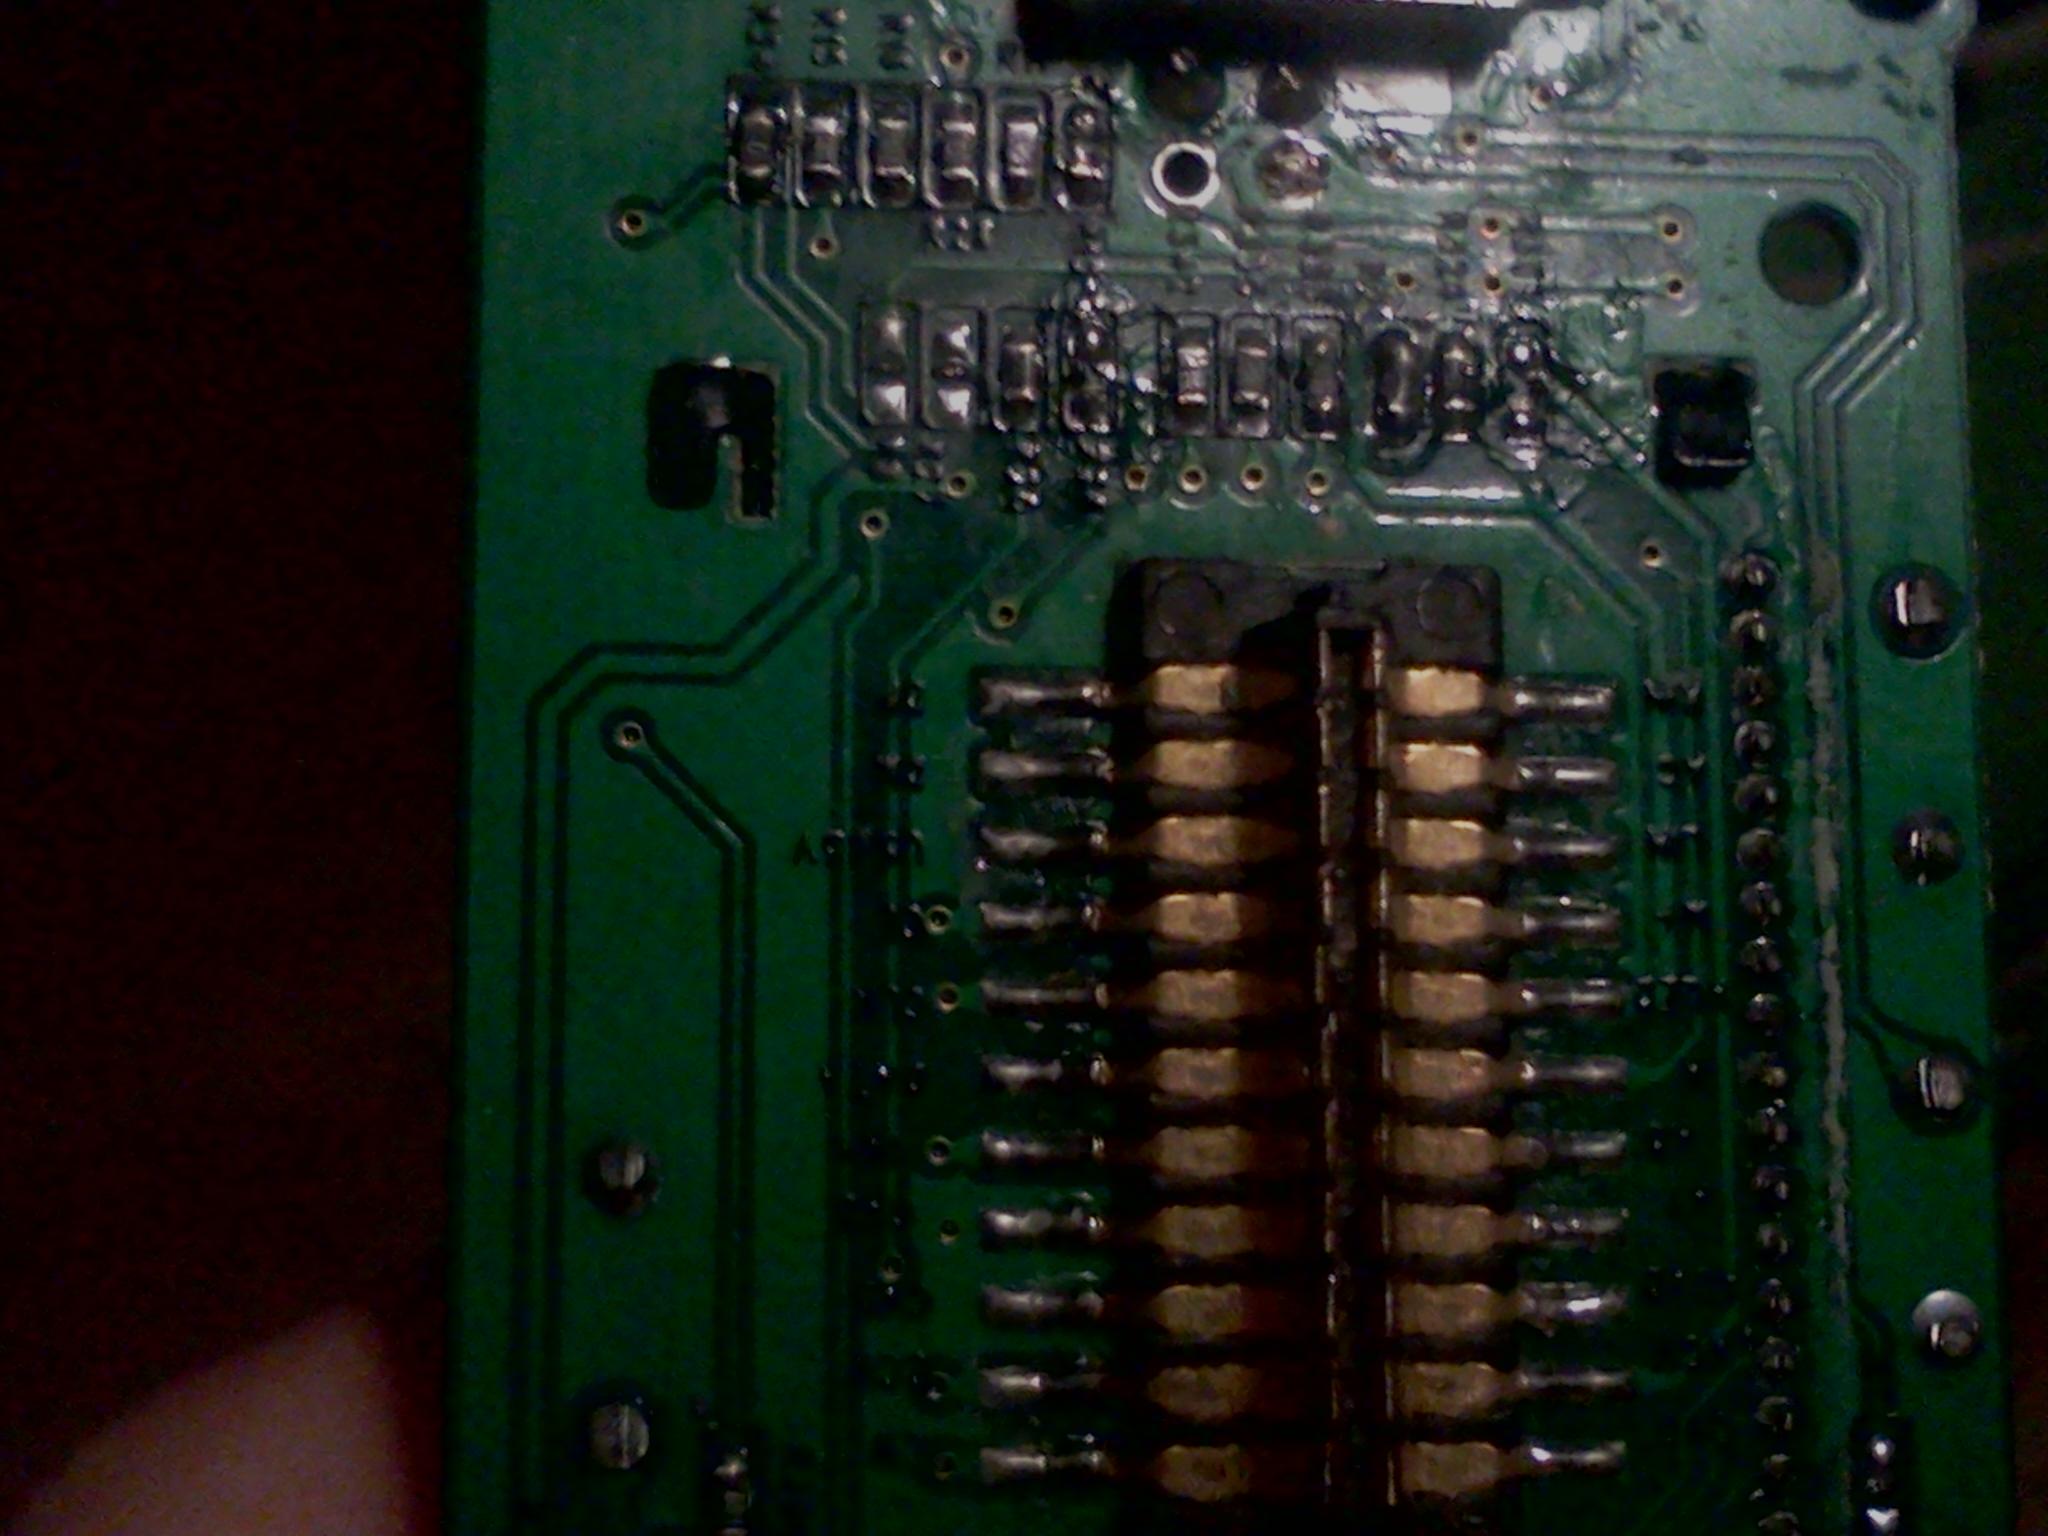 Overmax ov-cr-411 - Przedni panel nie reaguje, dzia�a tylko regulowanie g�osu.